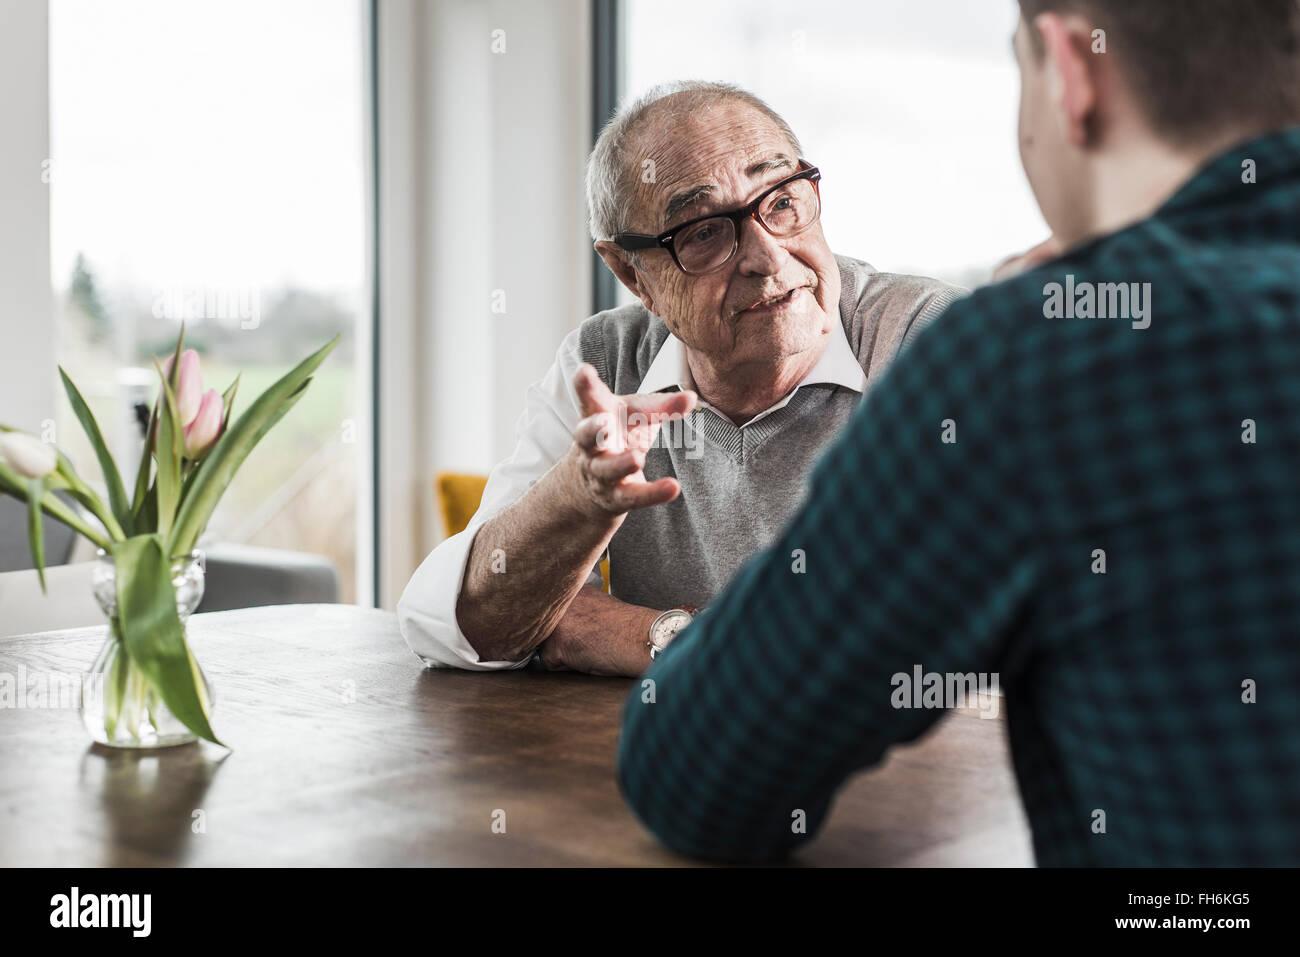 Porträt der ältere Mann mit seinem Enkel zu kommunizieren Stockbild